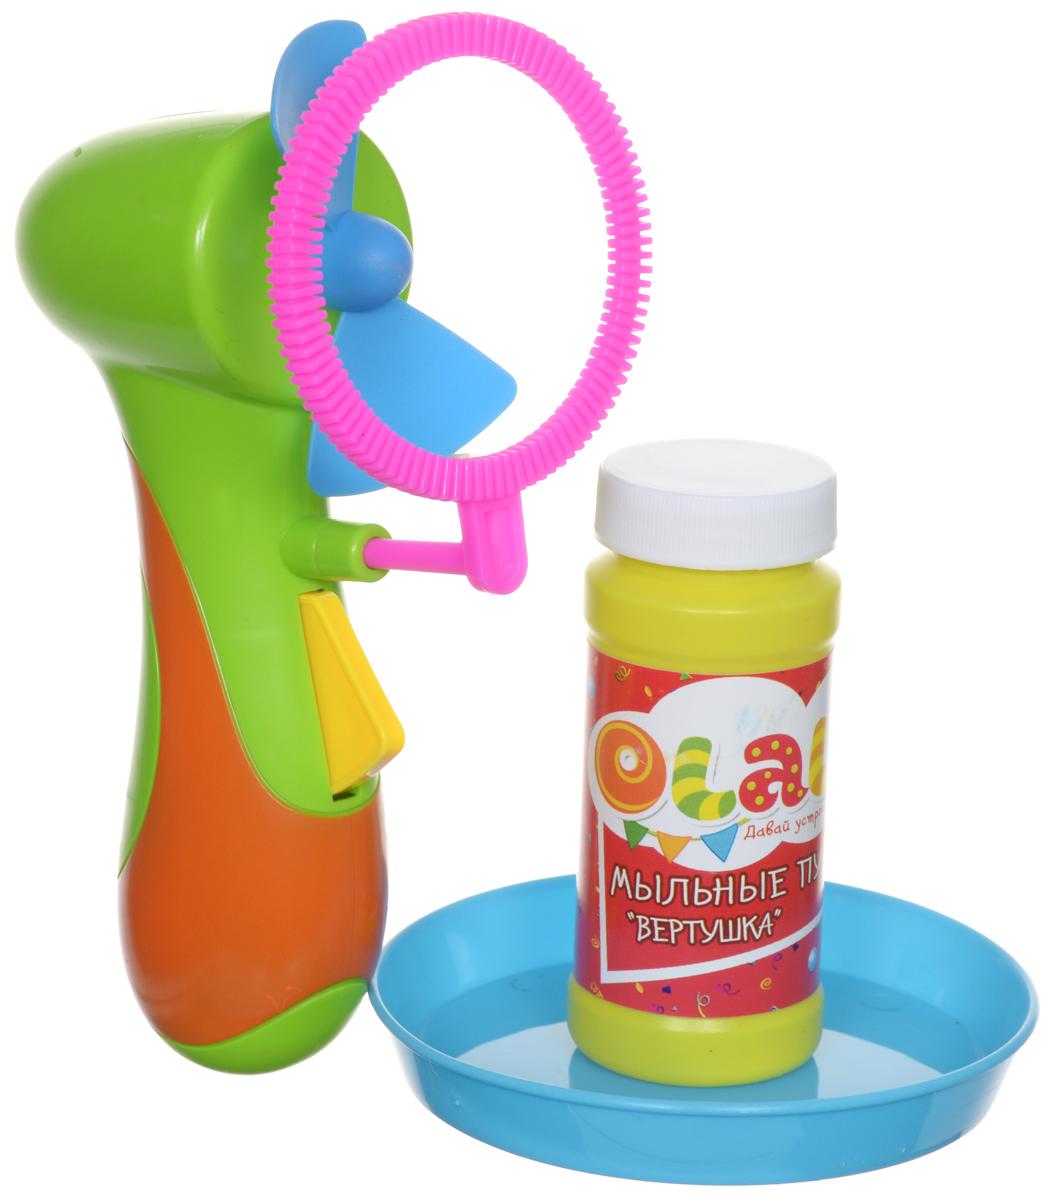 Olala Набор для пускания мыльных пузырей Вертушка цвет салатовый